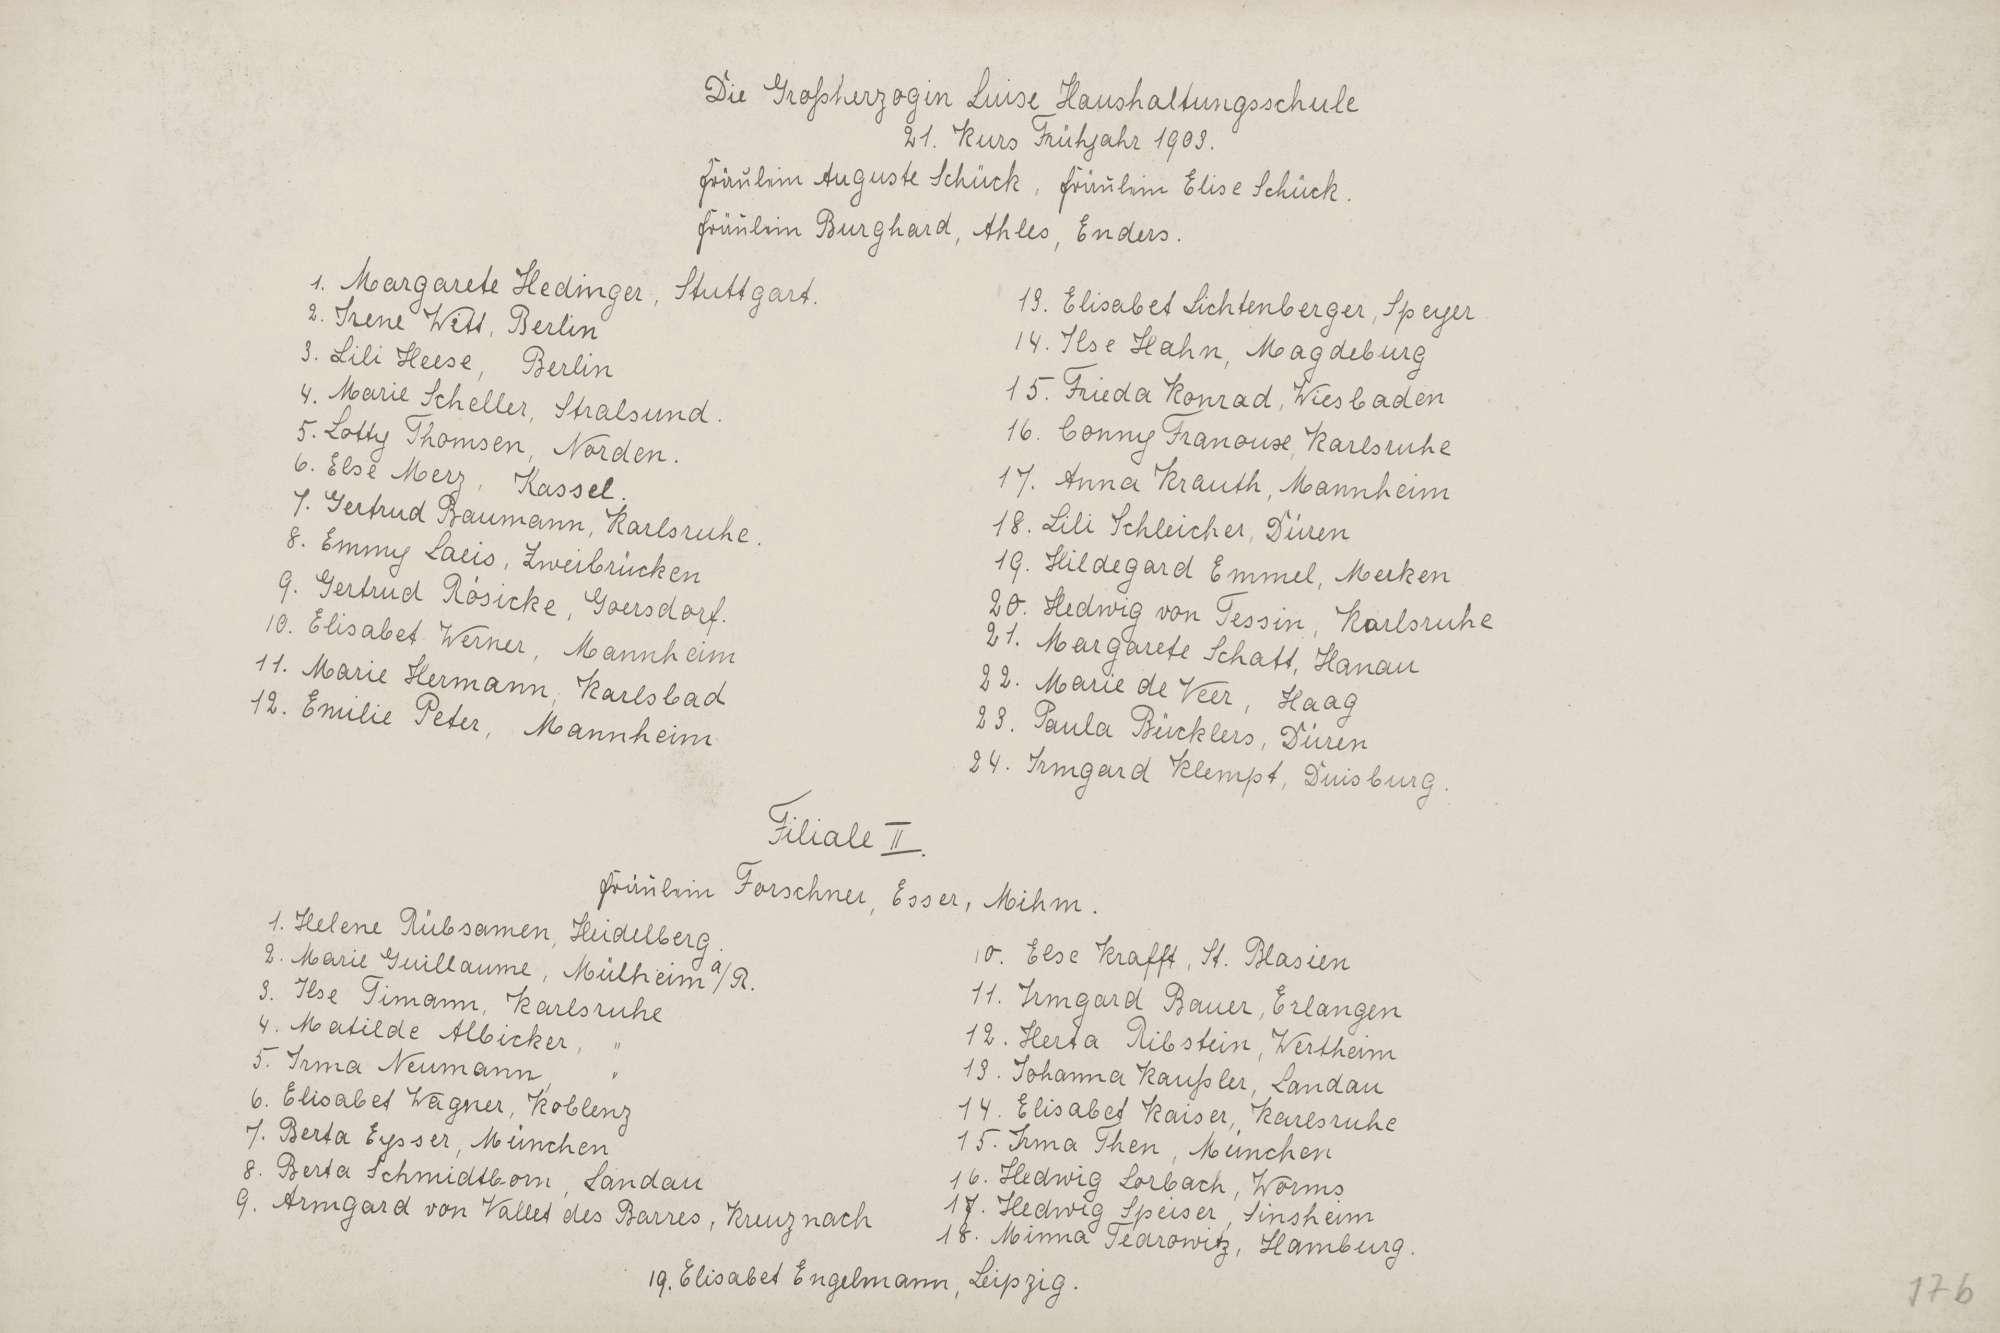 Namen der Kursteilnehmerinnen der Großherzogin Luise-Haushaltungsschule in Baden-Baden im Frühjahr 1903, Bild 1